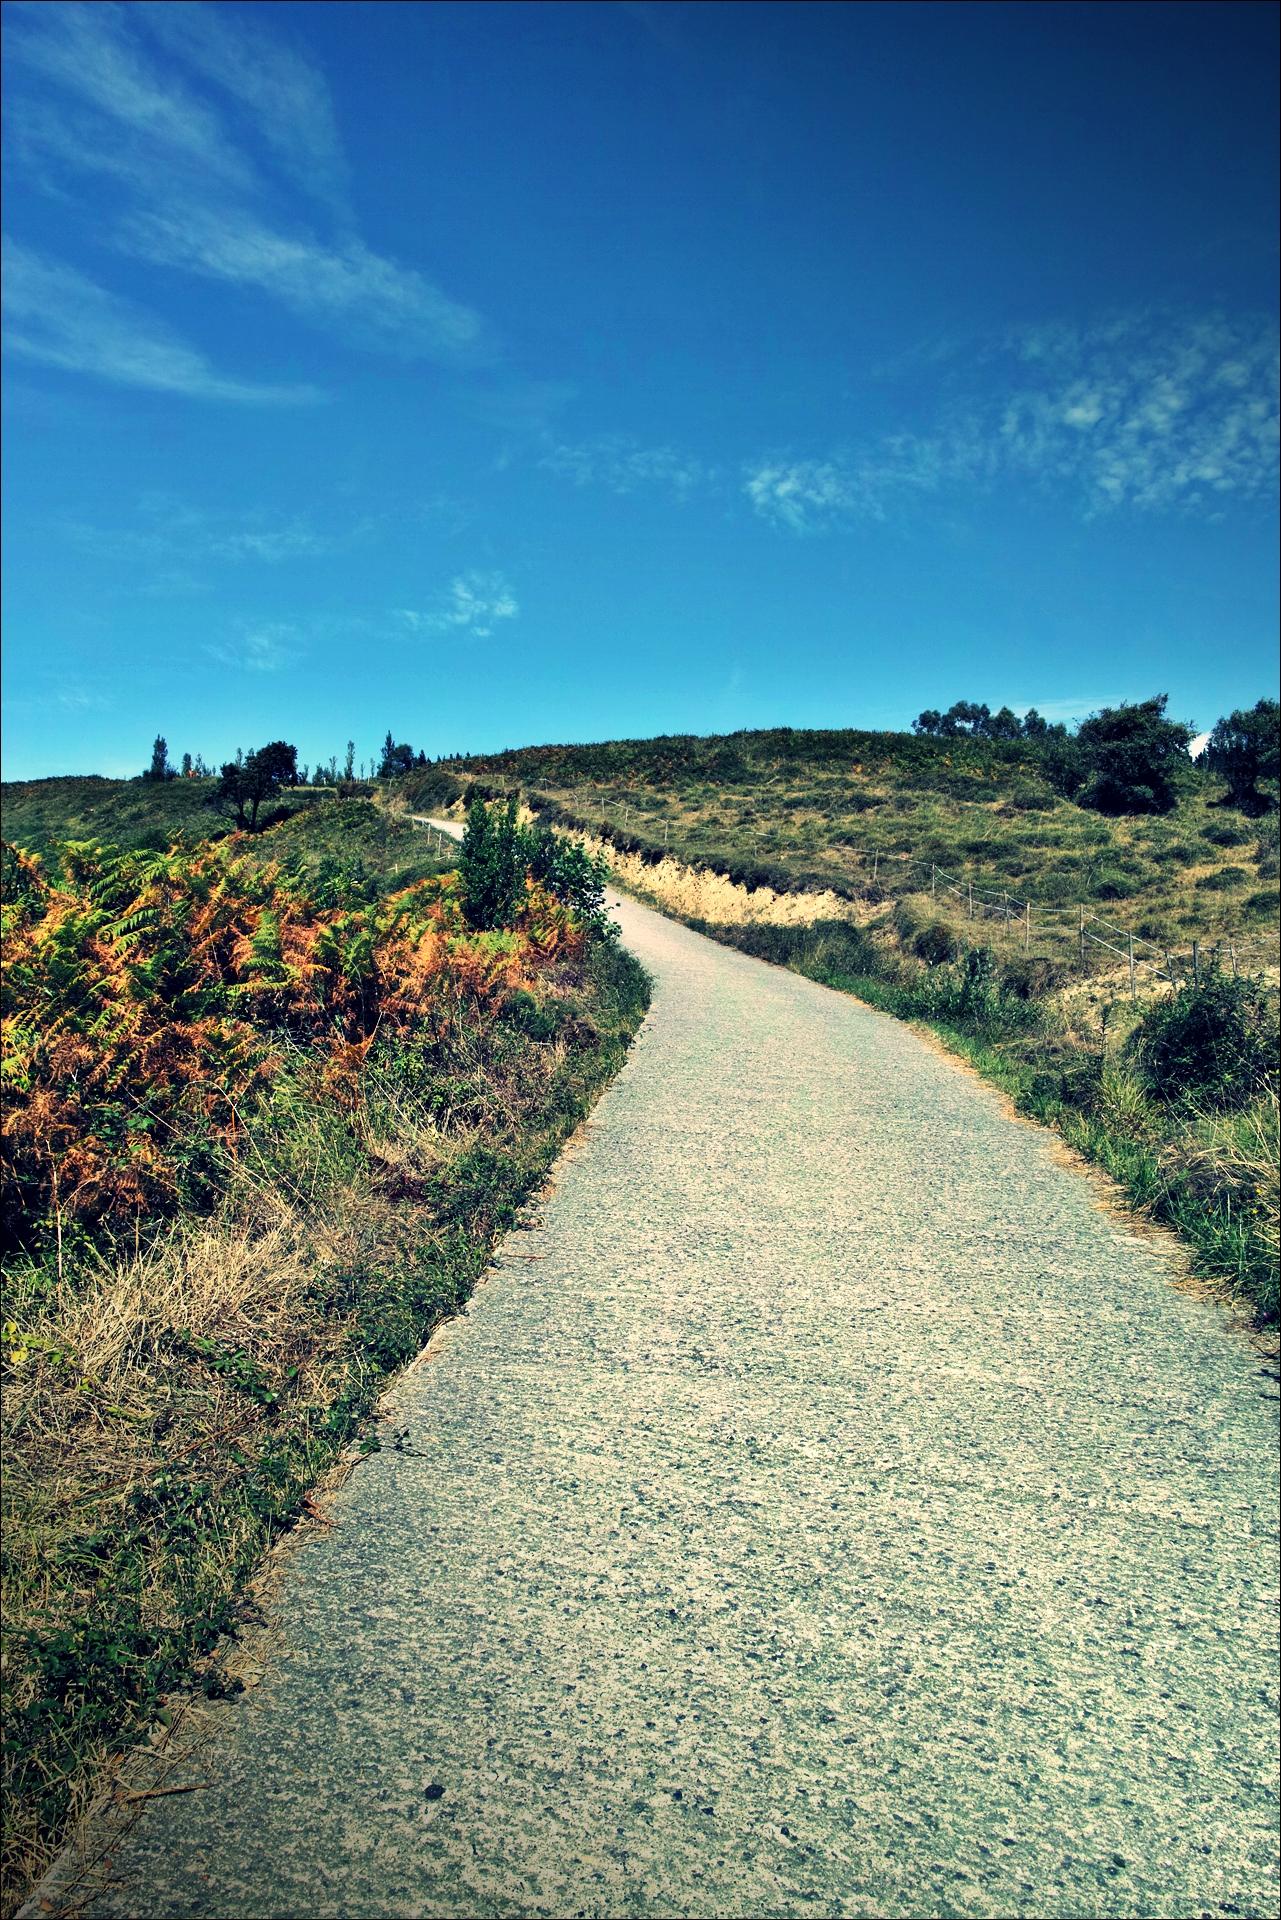 가파른 길-'카미노 데 산티아고 북쪽길. 사라우츠에서 쑤마이아. 빌바오.'